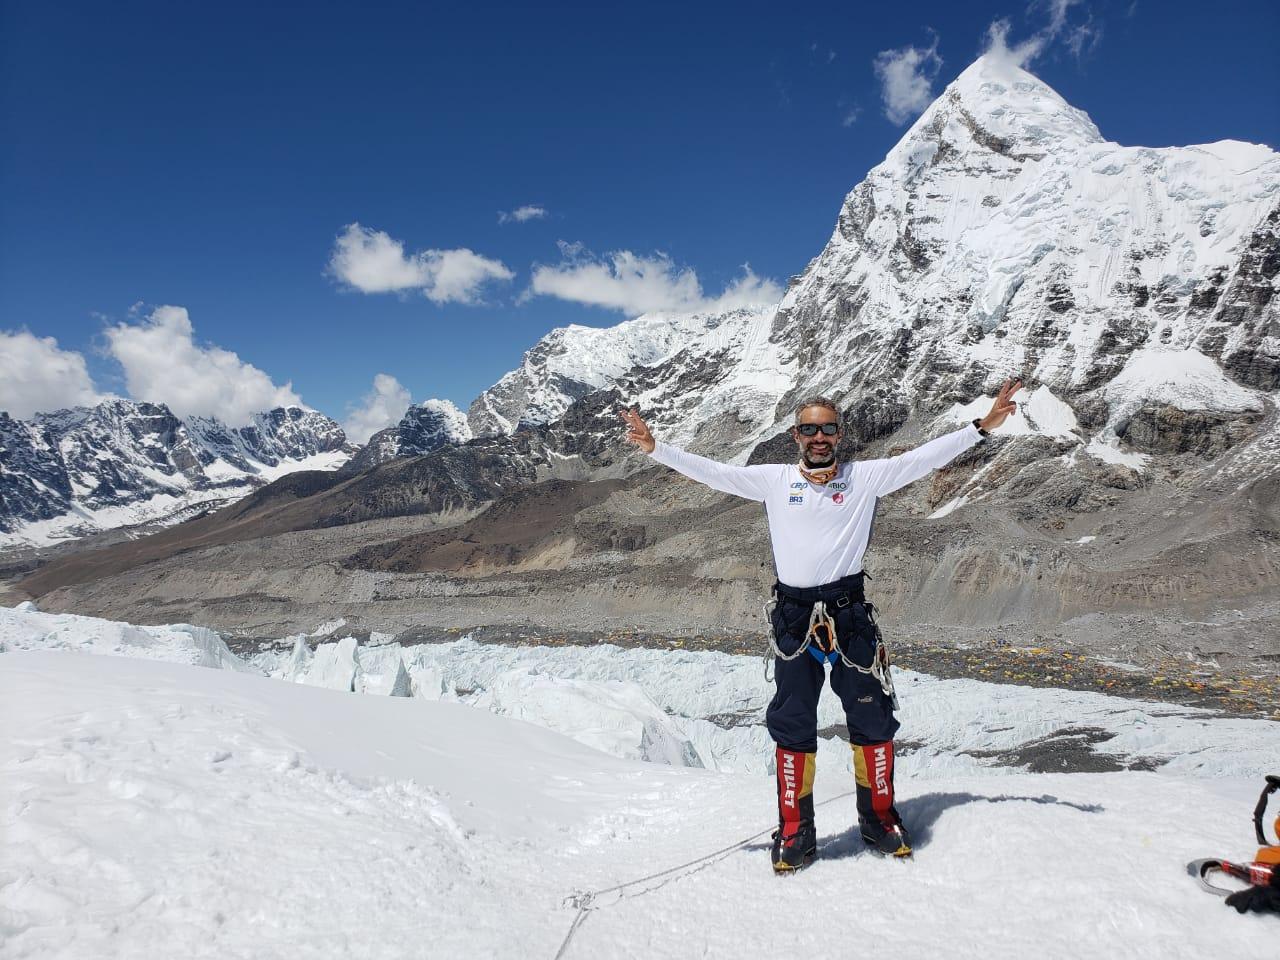 Alpinista Rodrigo Raineri chega ao acampamento base avançado C2 no Monte Everest